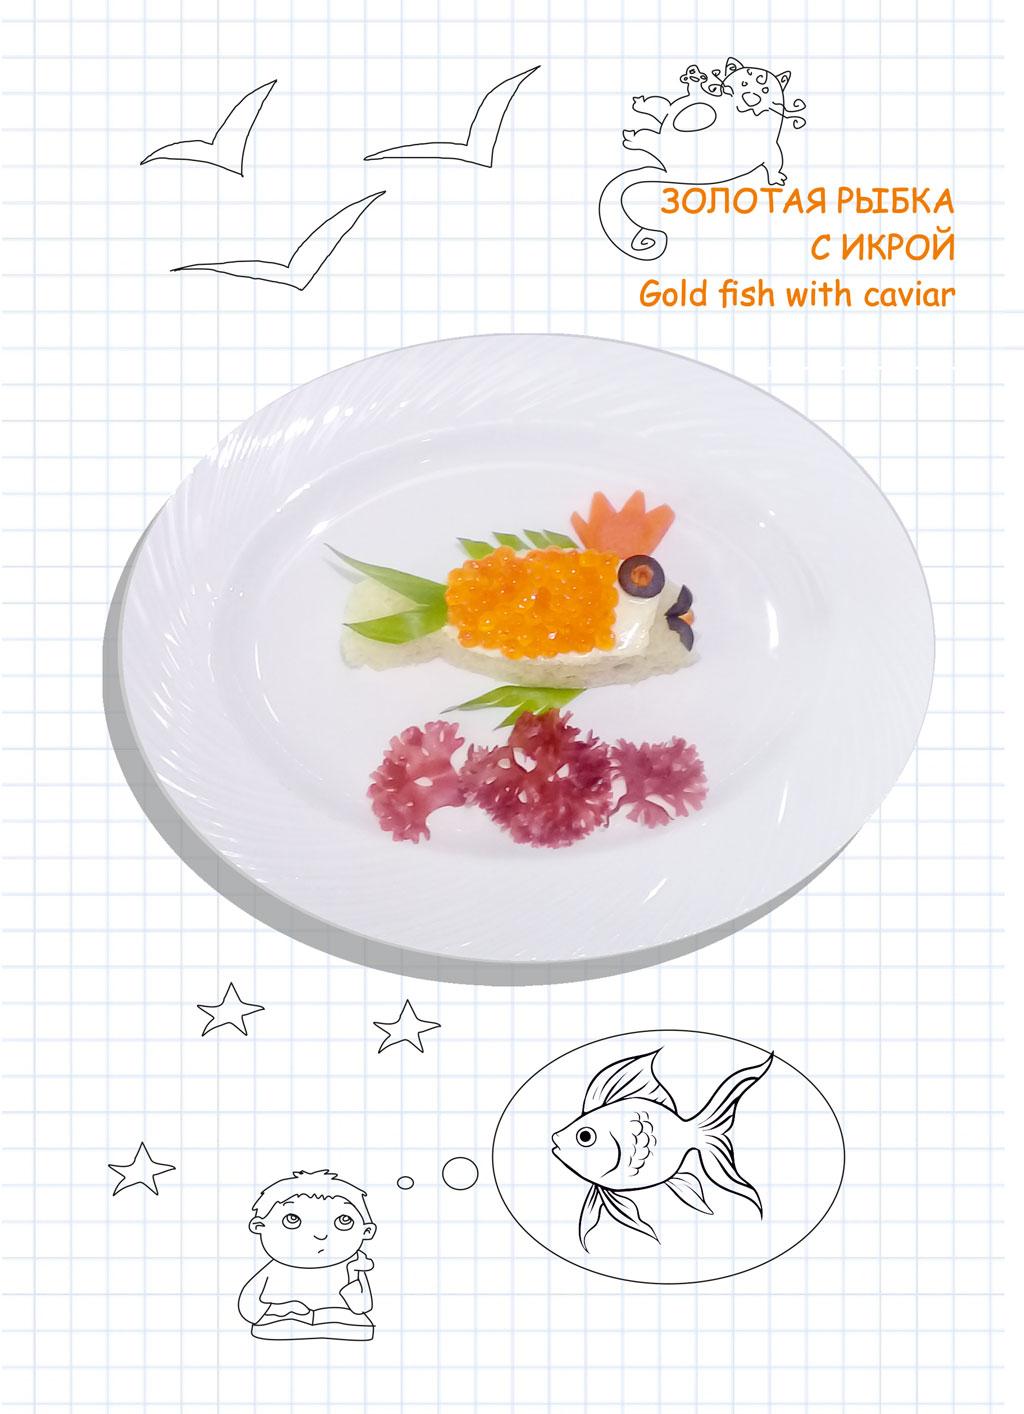 Золотая рыбка с икрой (gold fish with caviar) в ресторане Аннам Брахма в Оренбурге.jpg